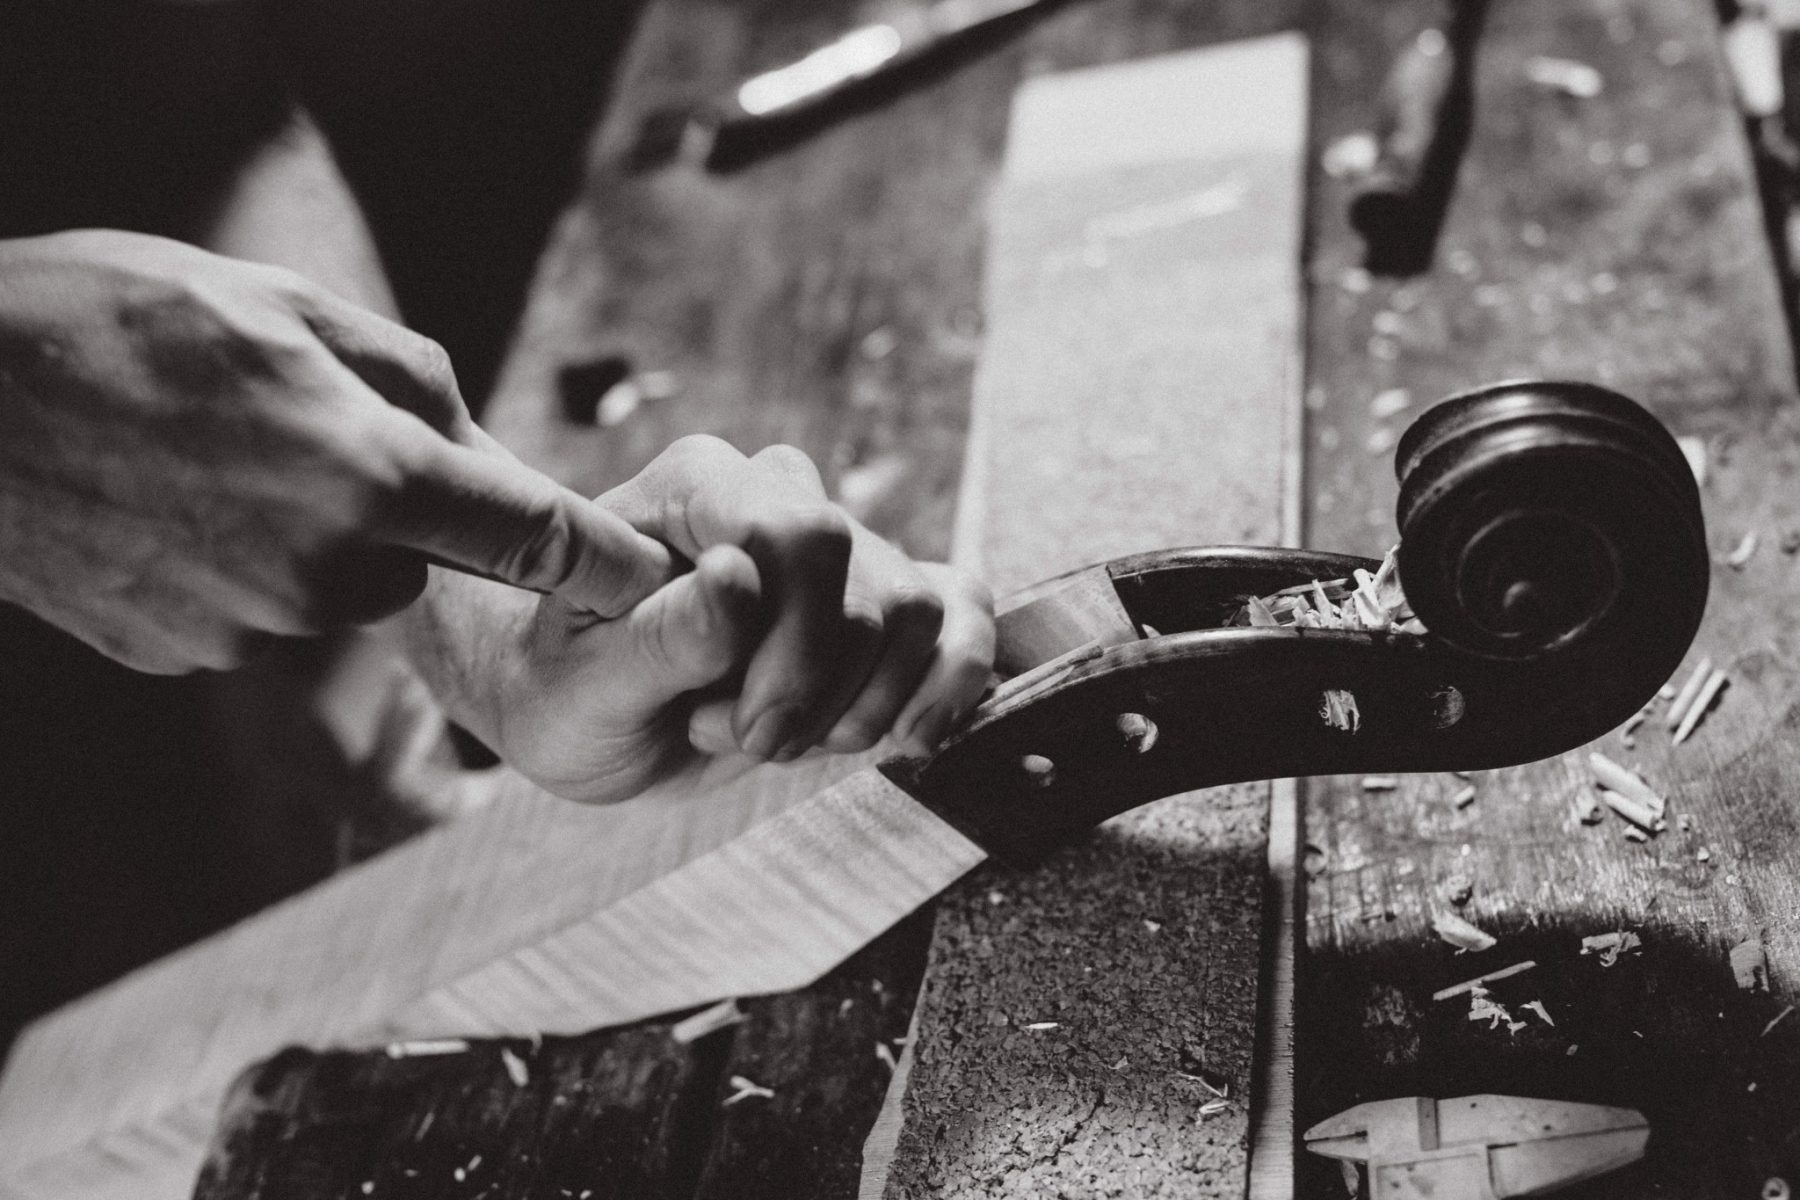 détail fabrication d'un violon